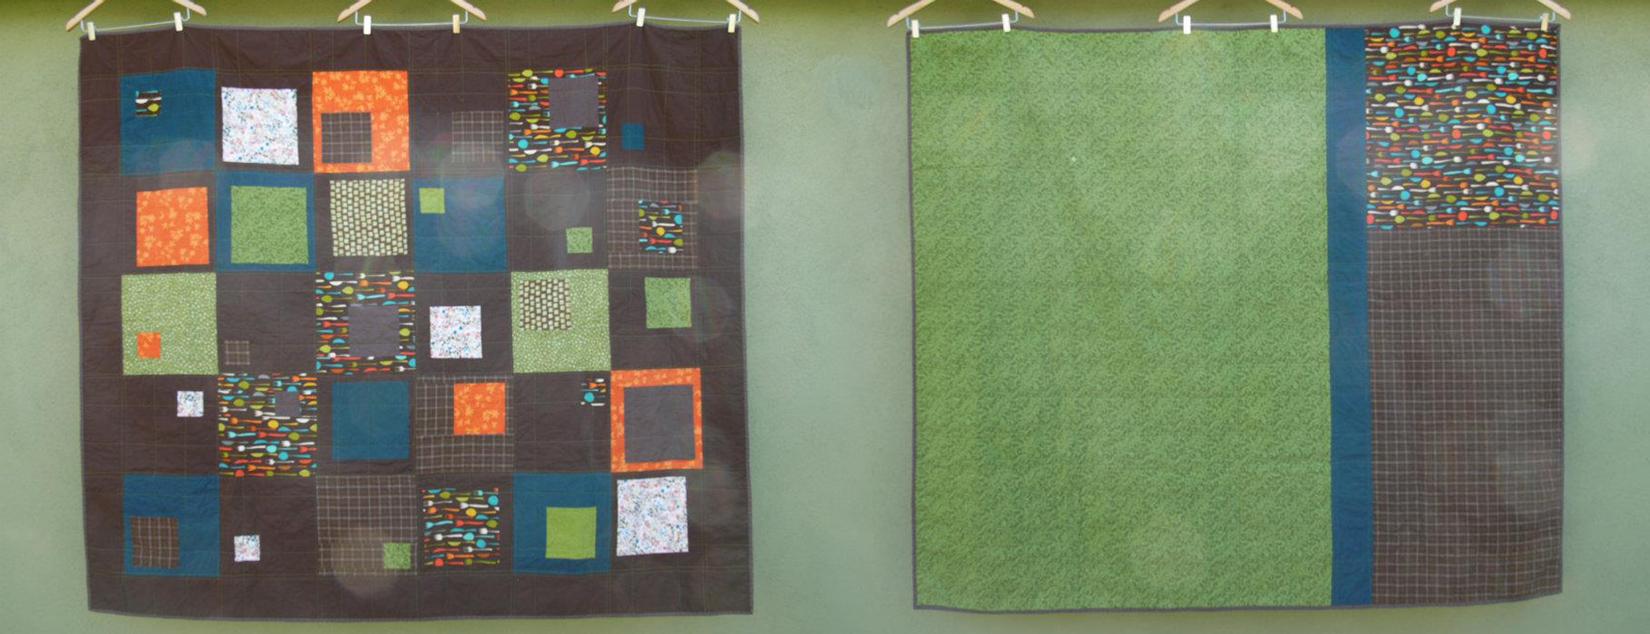 Picnic Blanket. 7' x 8'